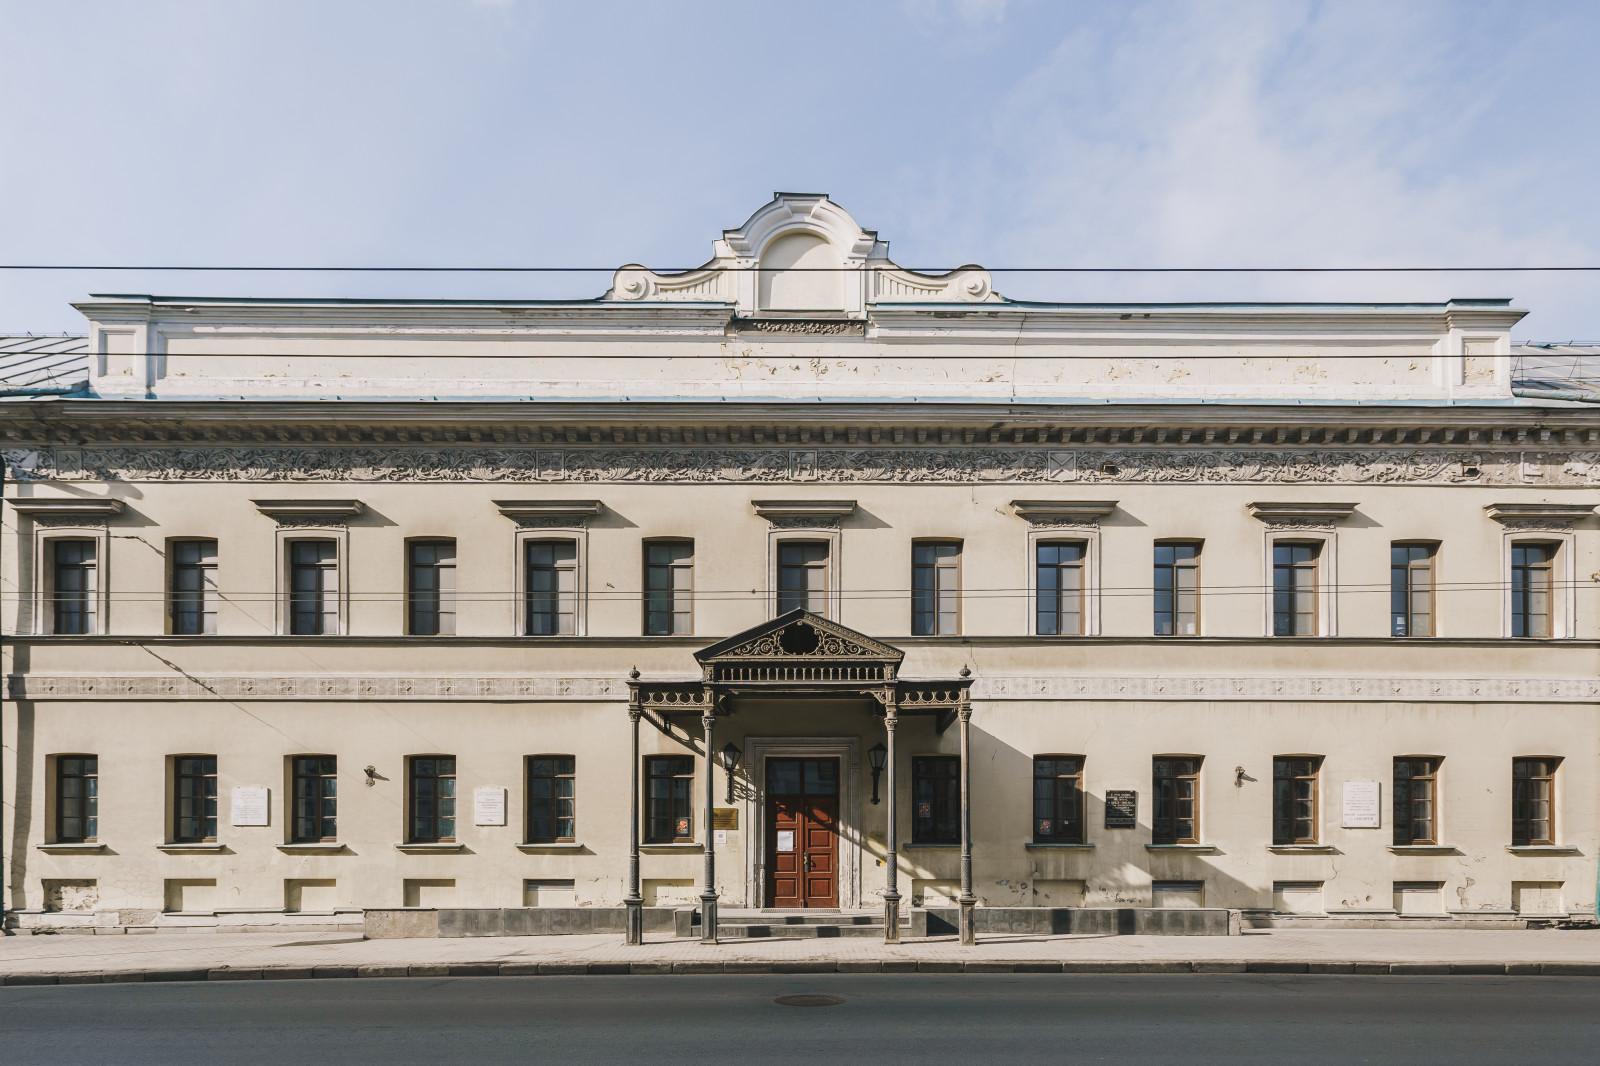 Историко-литературный фестиваль «Читай Горький» проходит в Нижнем Новгороде с 25 по 27 сентября